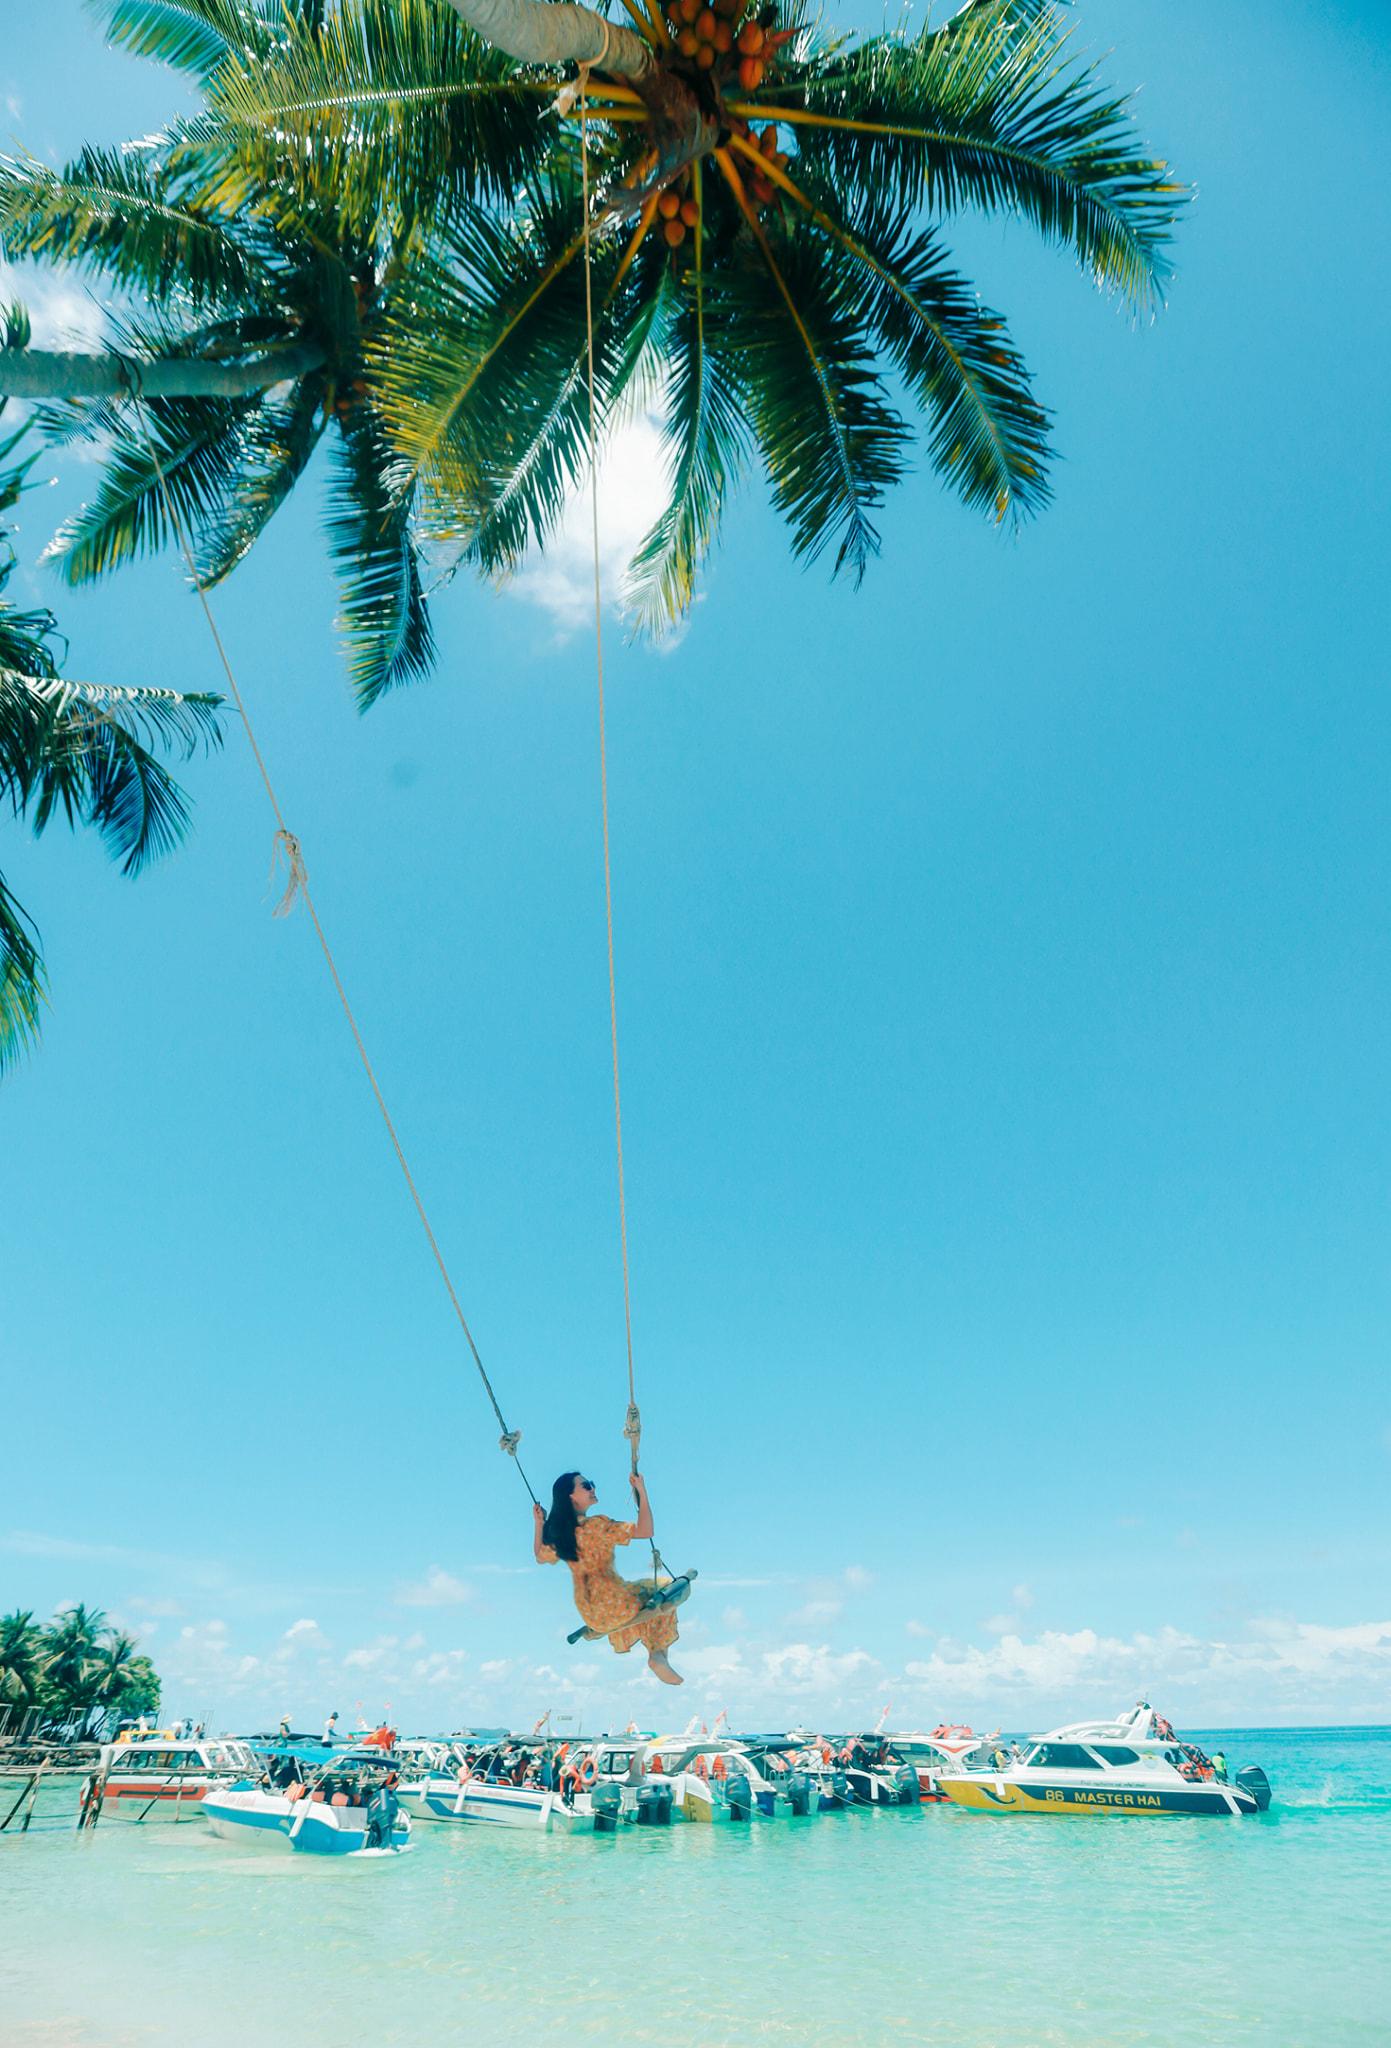 Tour du lịch Phú Quốc từ Hải Phòng: Trải nghiệm thiên đường nghỉ dưỡng số một Việt Nam - Ảnh 10.